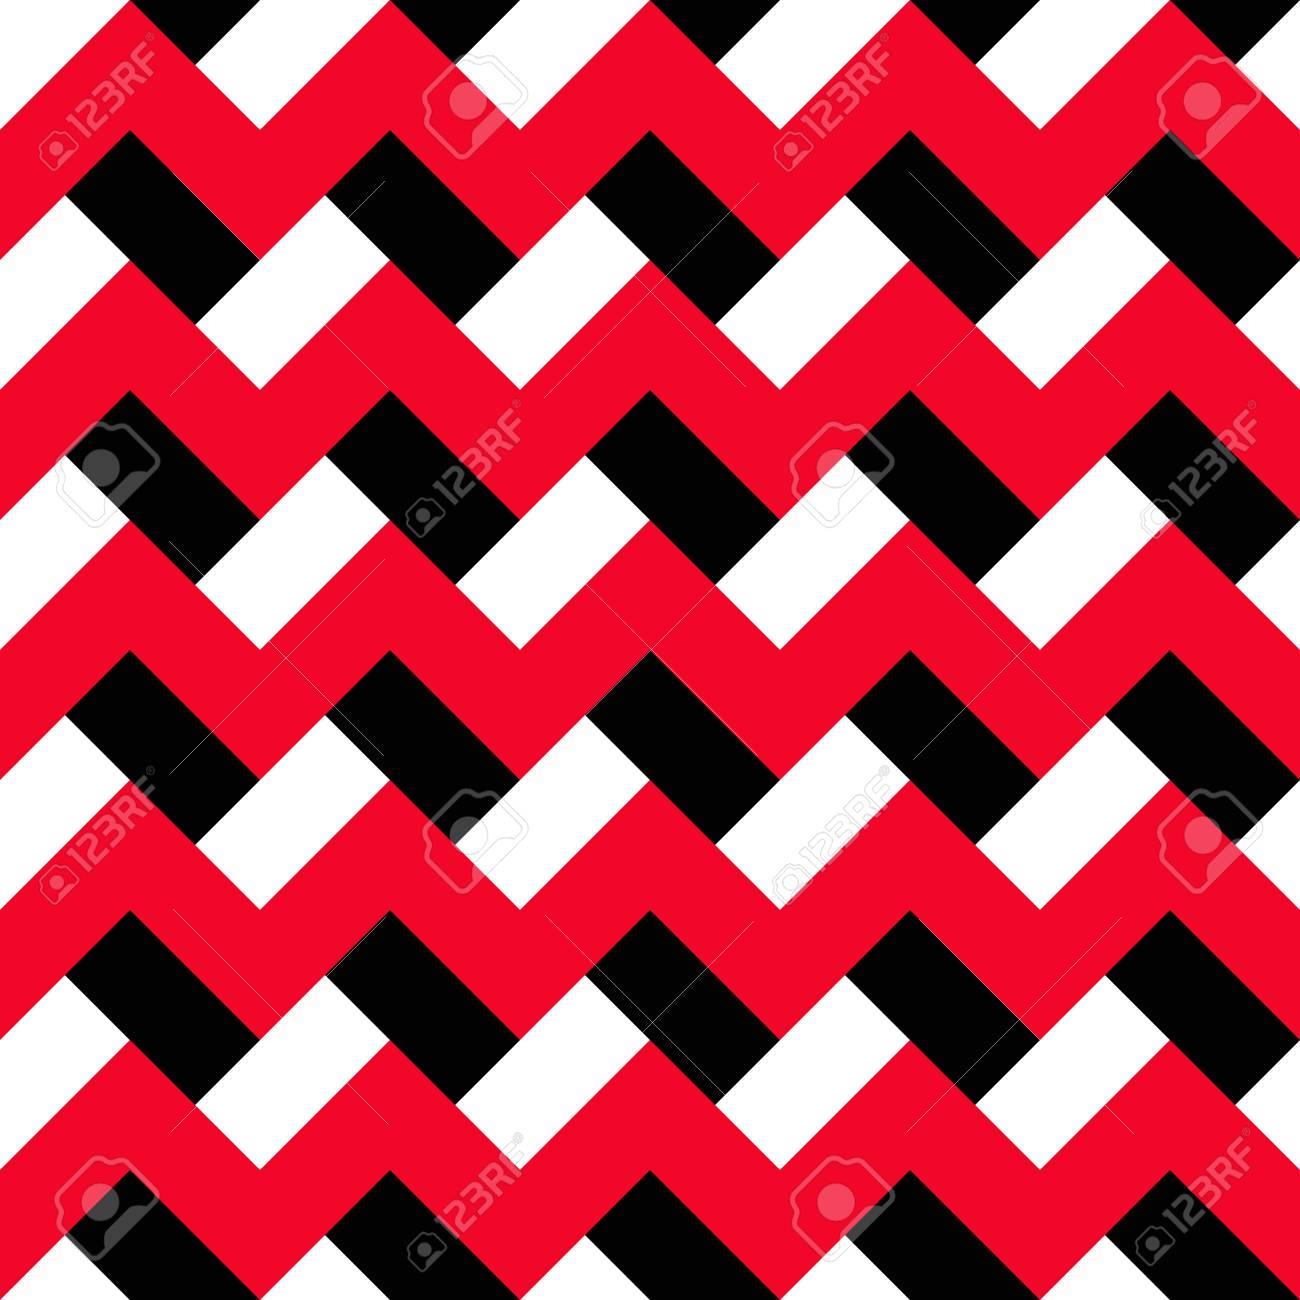 Rot, Weiß Und Schwarz Zick-Zack-nahtlose Muster. Abstrakte ...